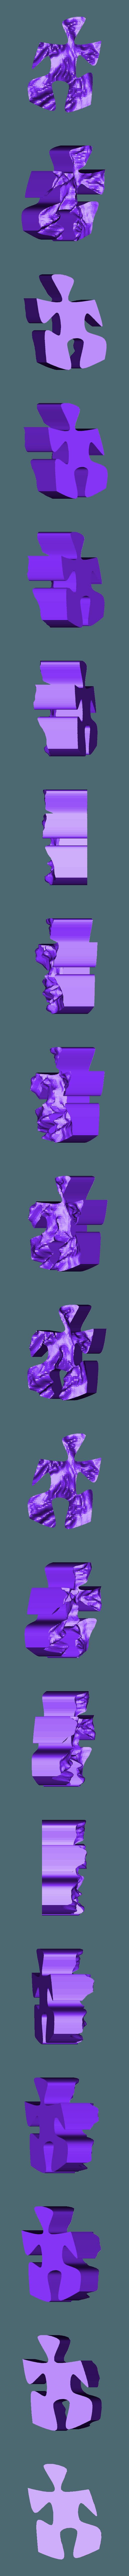 63.stl Télécharger fichier STL gratuit Echelle épique - Terrain - Zion NP • Objet à imprimer en 3D, TCP491016